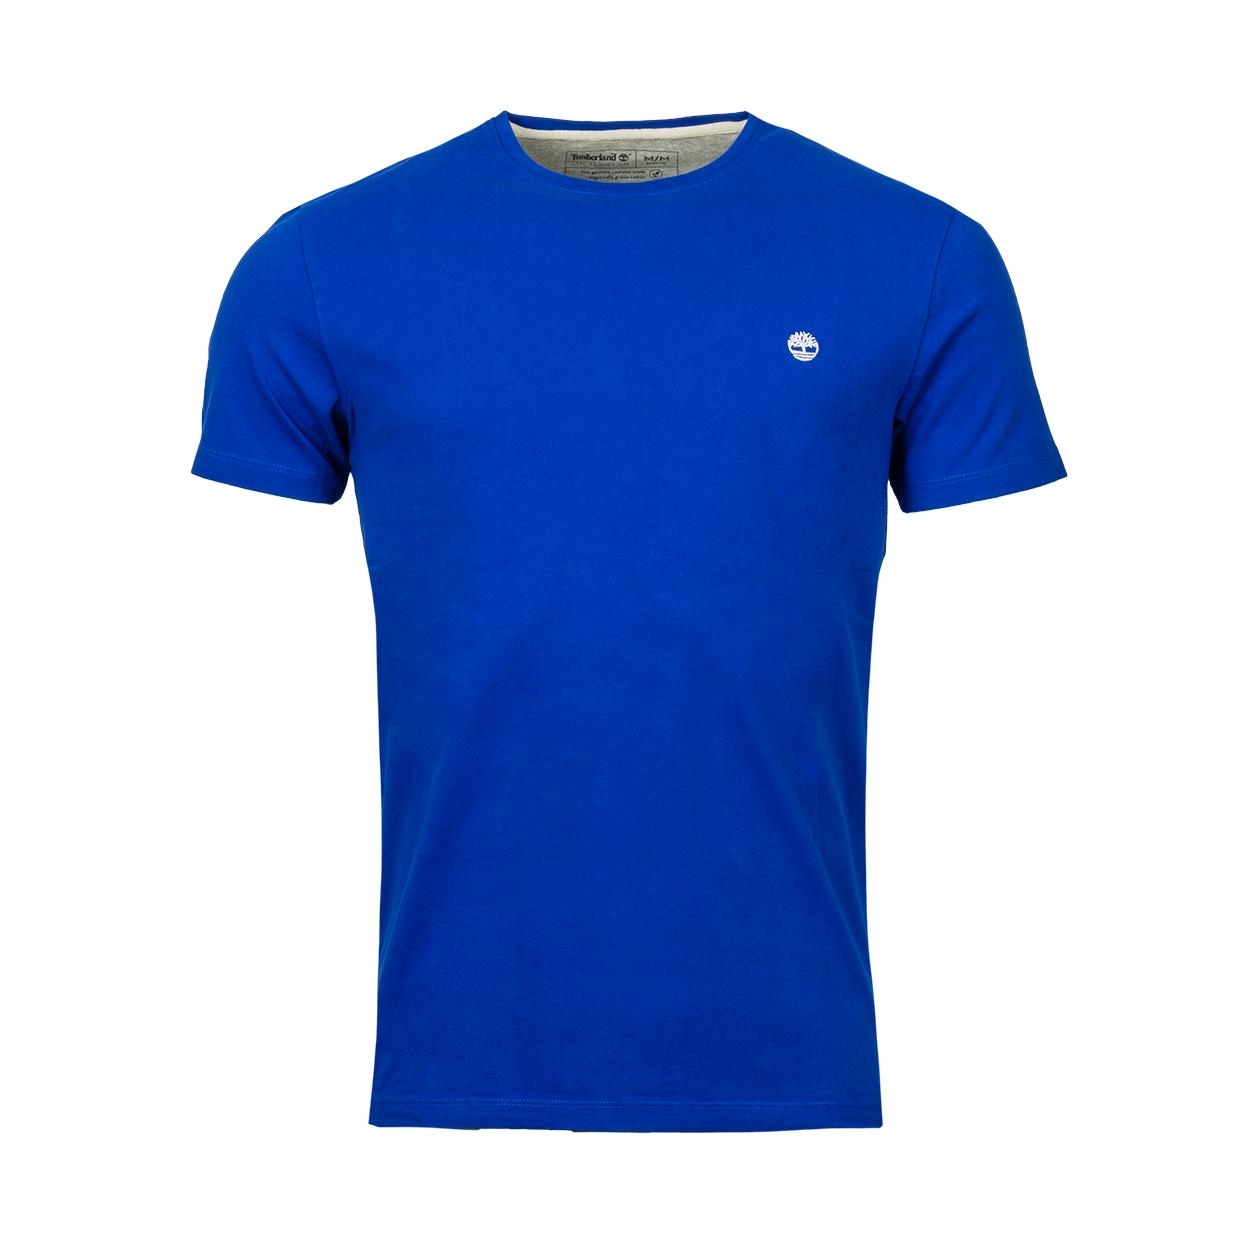 Tee-shirt col rond  en coton bleu brodé